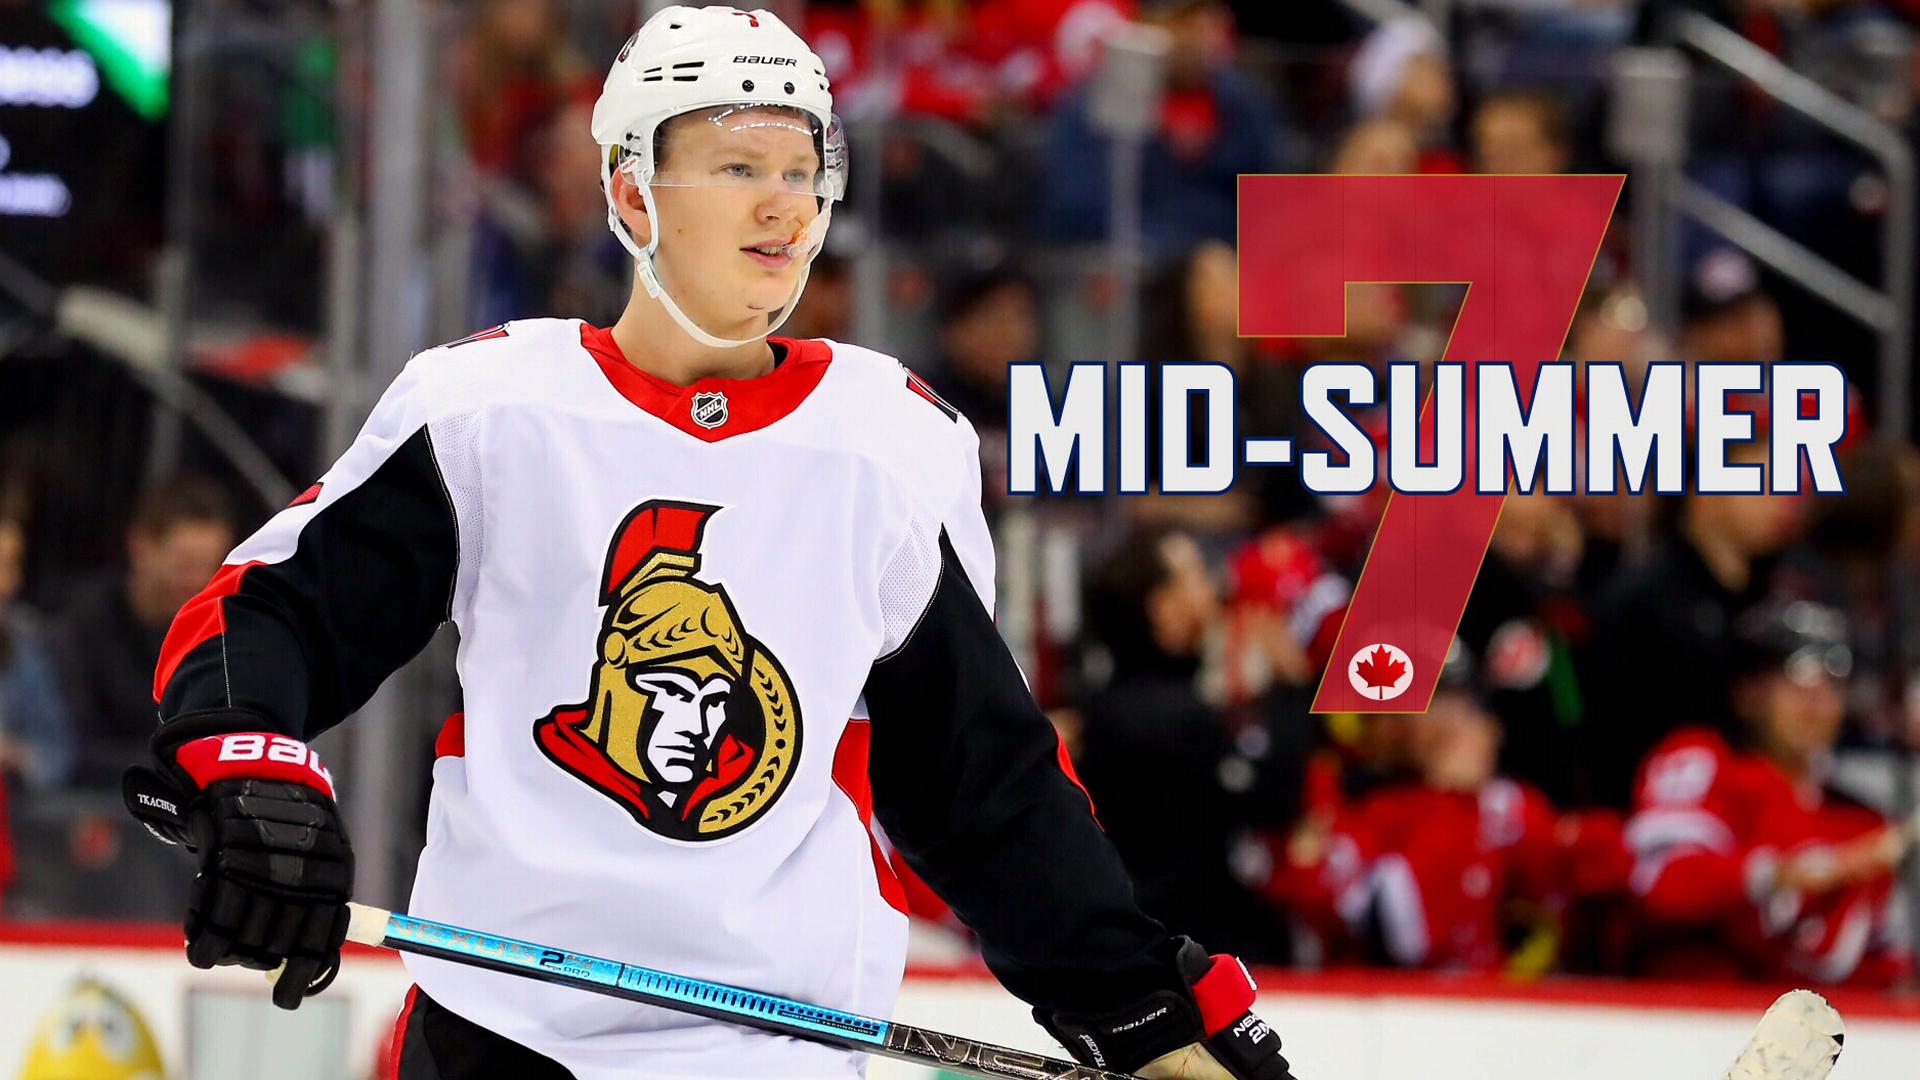 Mid-Summer 7: Rebuild continues as Senators still a team in transition